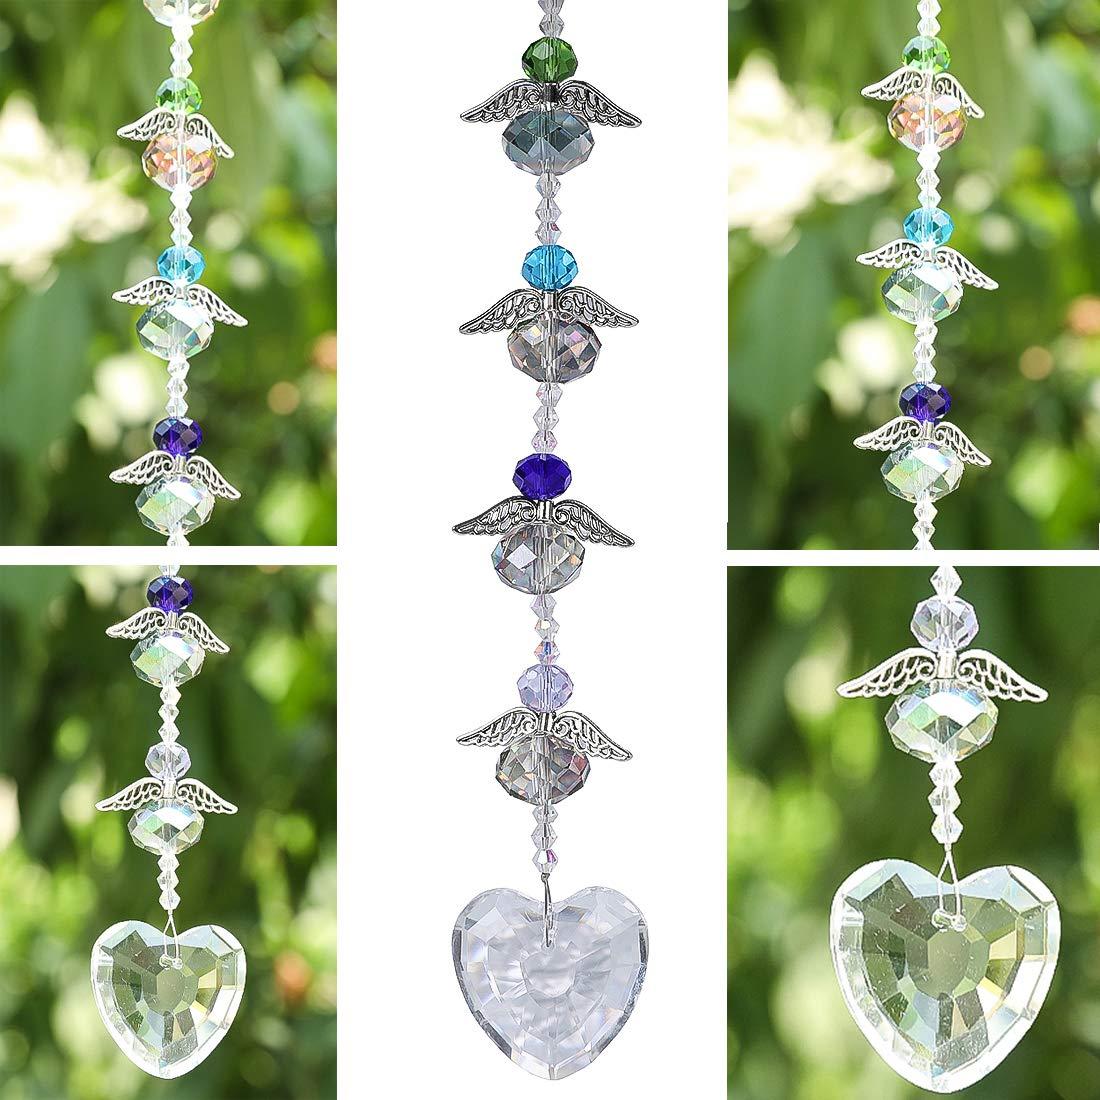 H/&D Kristall Handschleifer Anh/änger//h/ängend//Pendel mit klarem Herz und 4 kleinen Engeln um als Fenster Dekoration und Raumpendel zu h/ängen